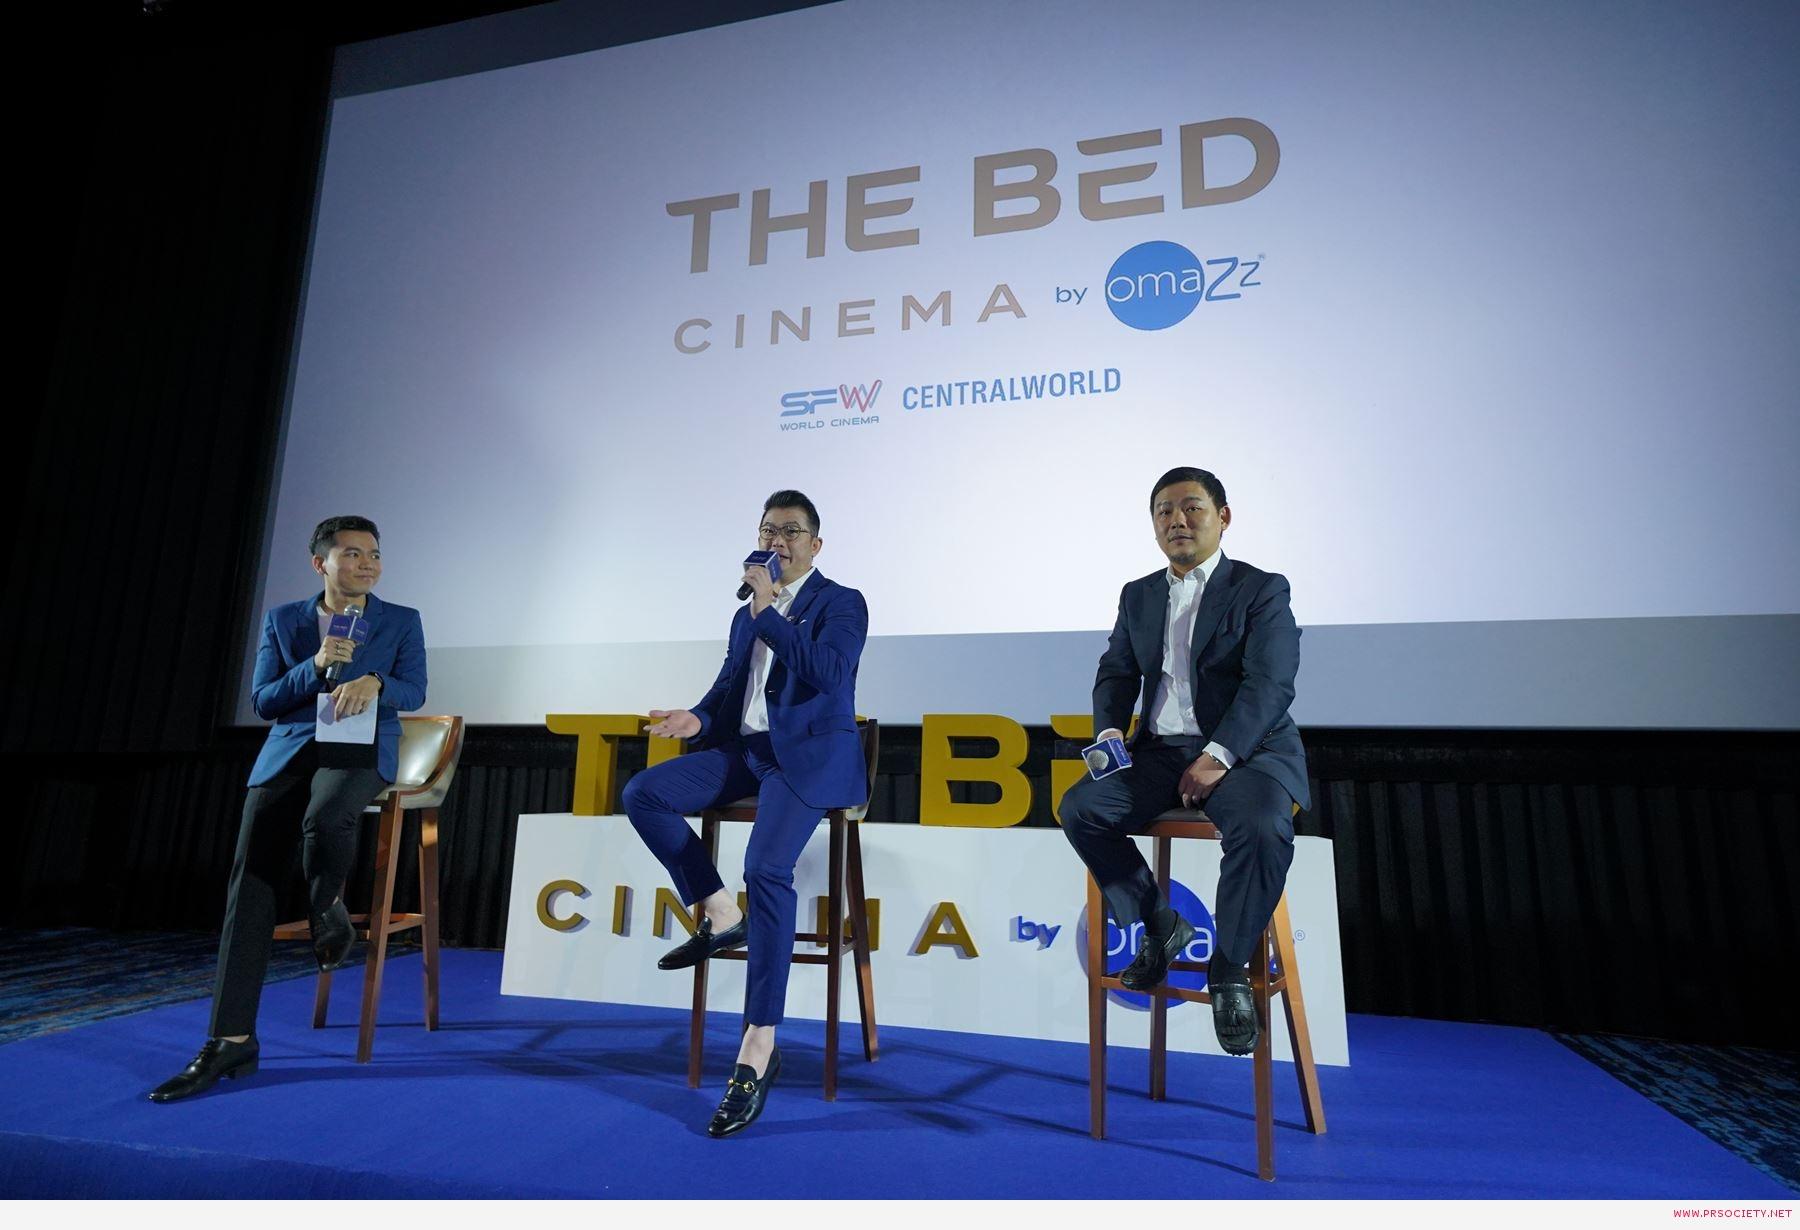 The Bed Cinema by Omazz_ภาพบรรยากาศงานแถลงข่าว 1